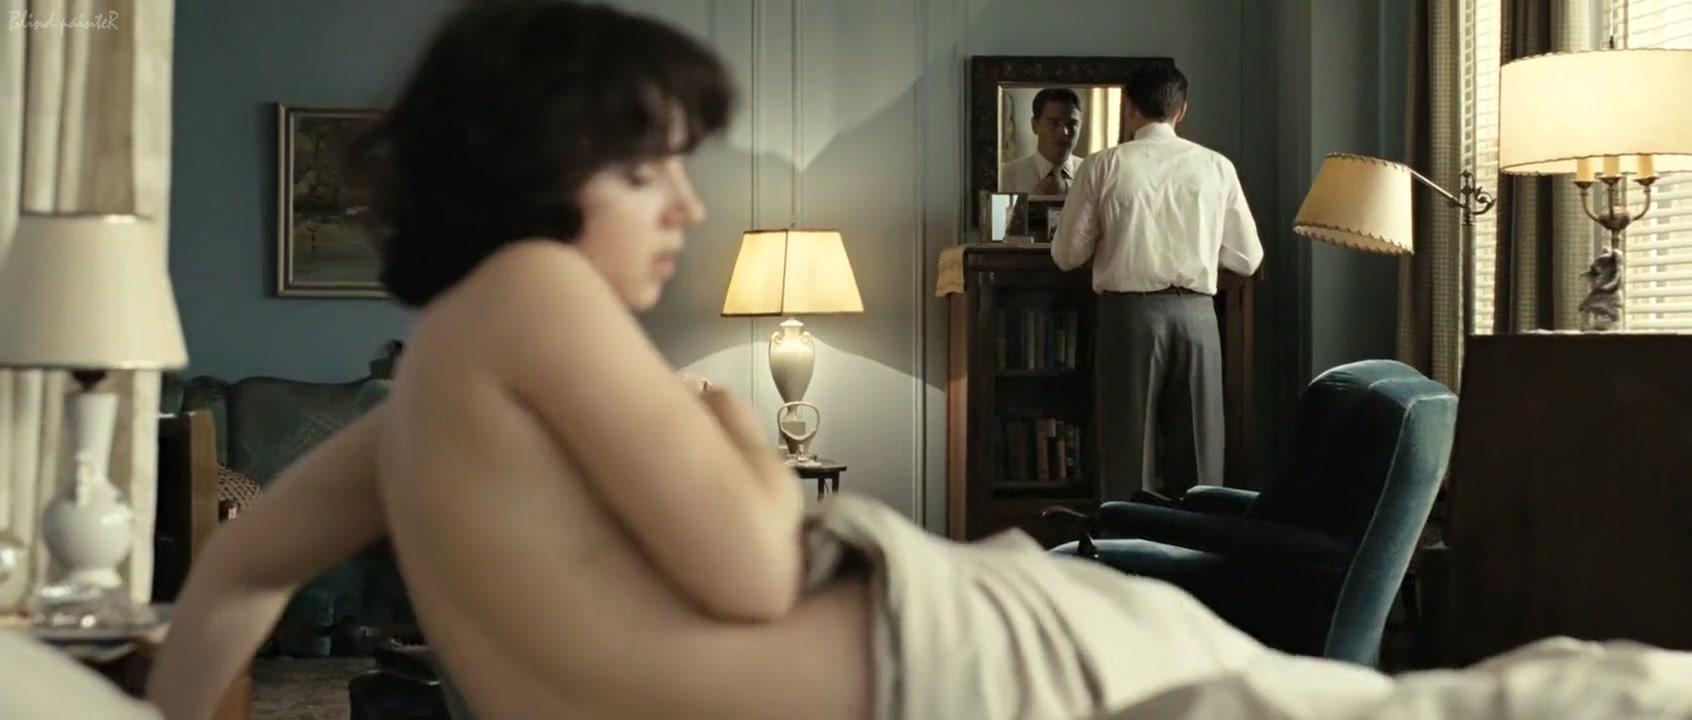 Nude Photo Galleries Looking In Windows